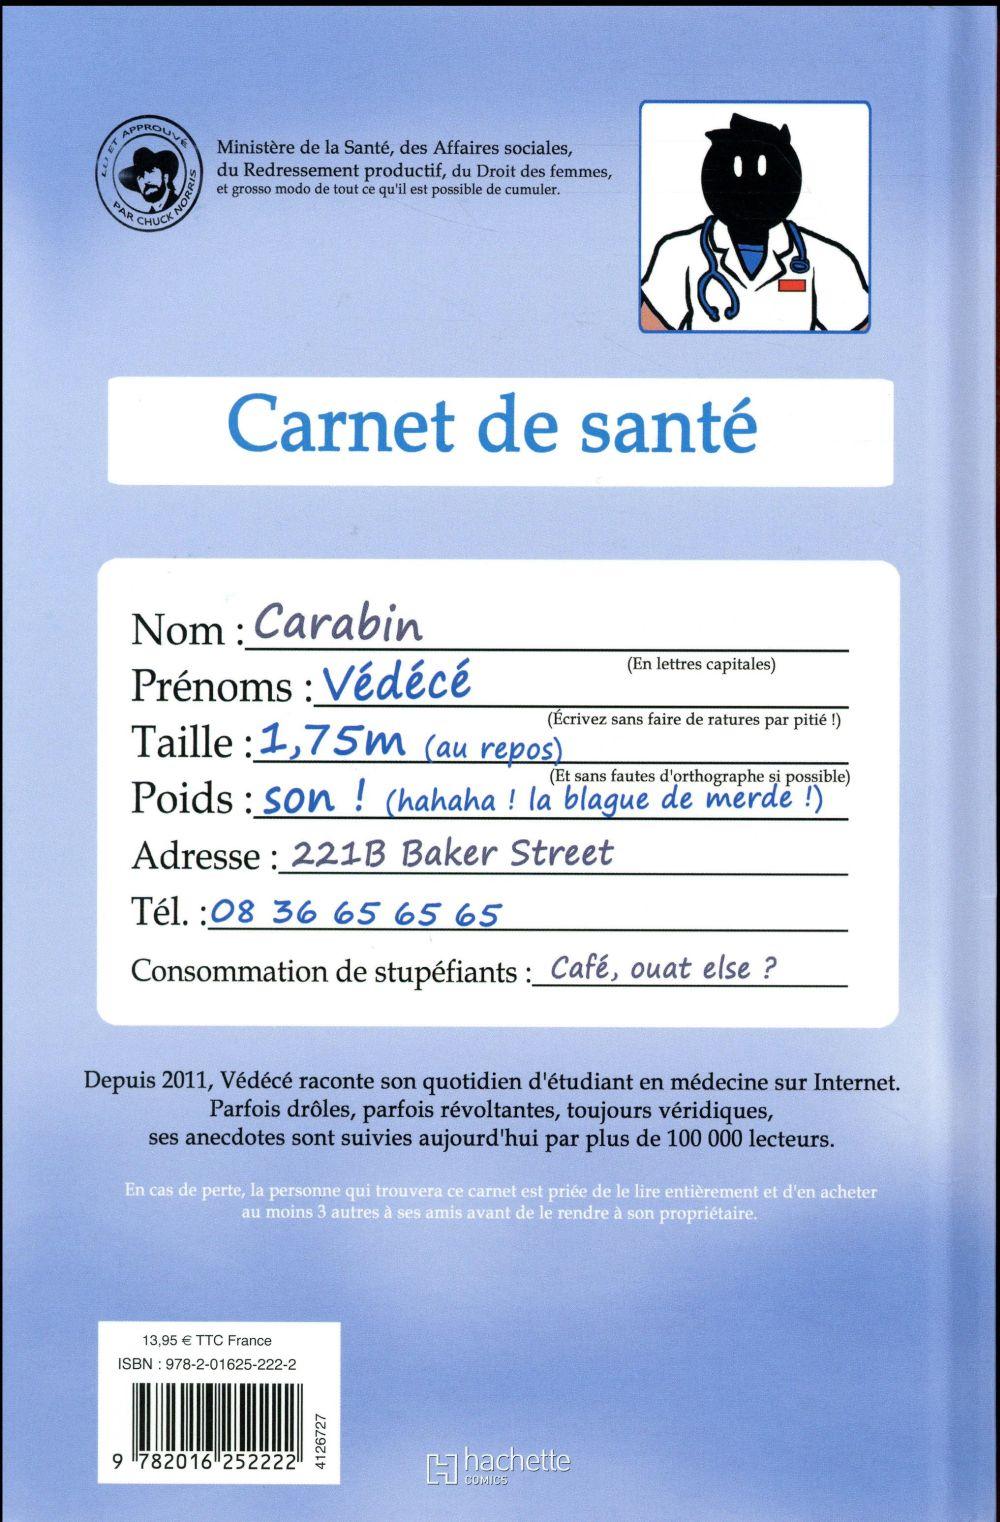 vie de carabin - dossiers médic@ux Hors-Série t.1 ; carnets de santé